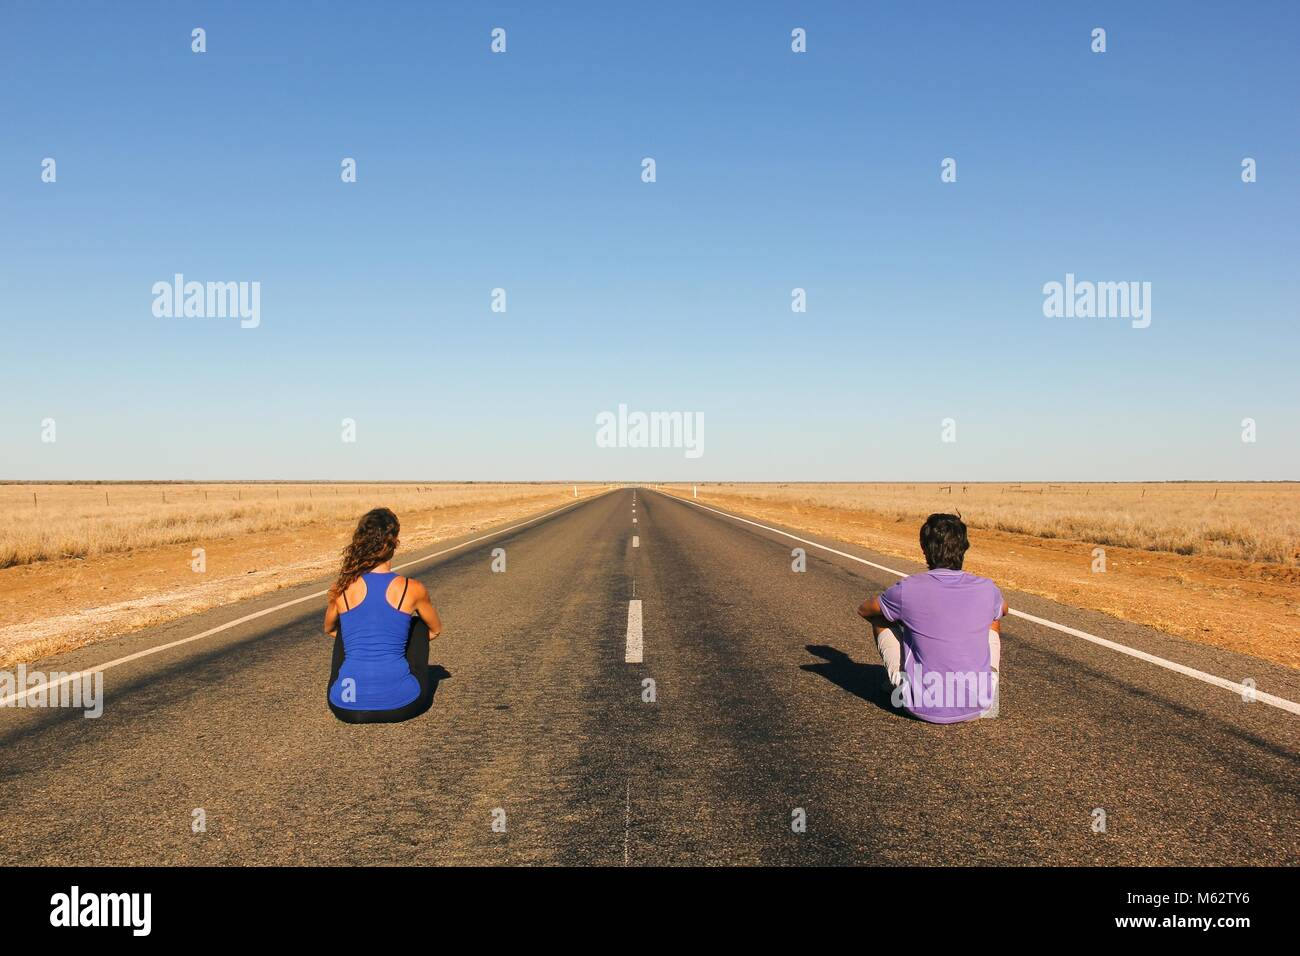 Junges Paar von hinten sitzen auf eine endlose gerade, leere Straße in der Mitte von Nirgendwo im Outback Australiens. Stockbild